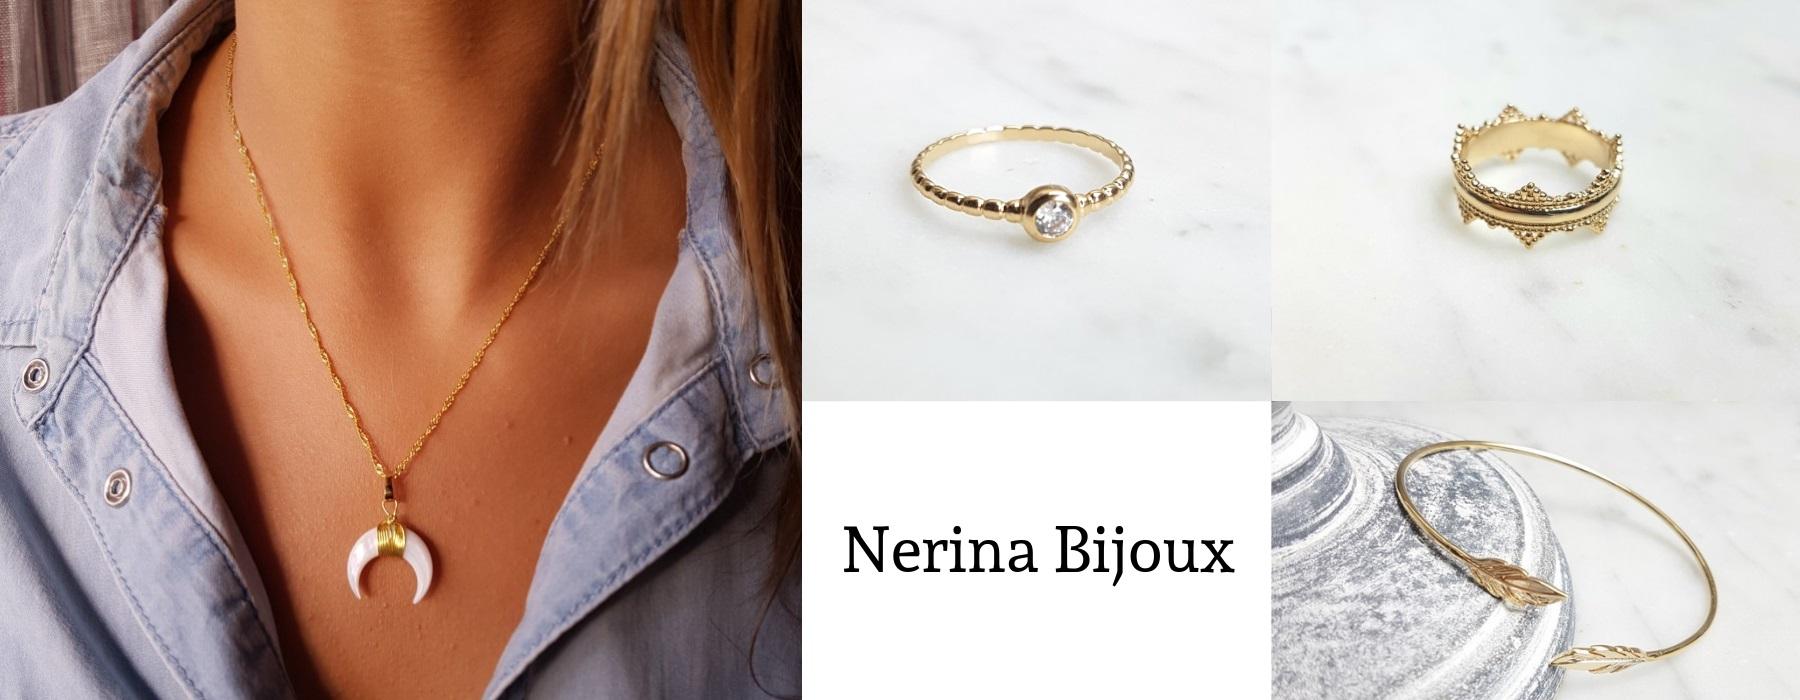 Nerina Bijoux : Bijoux plaqué or et argent 925 rhodié